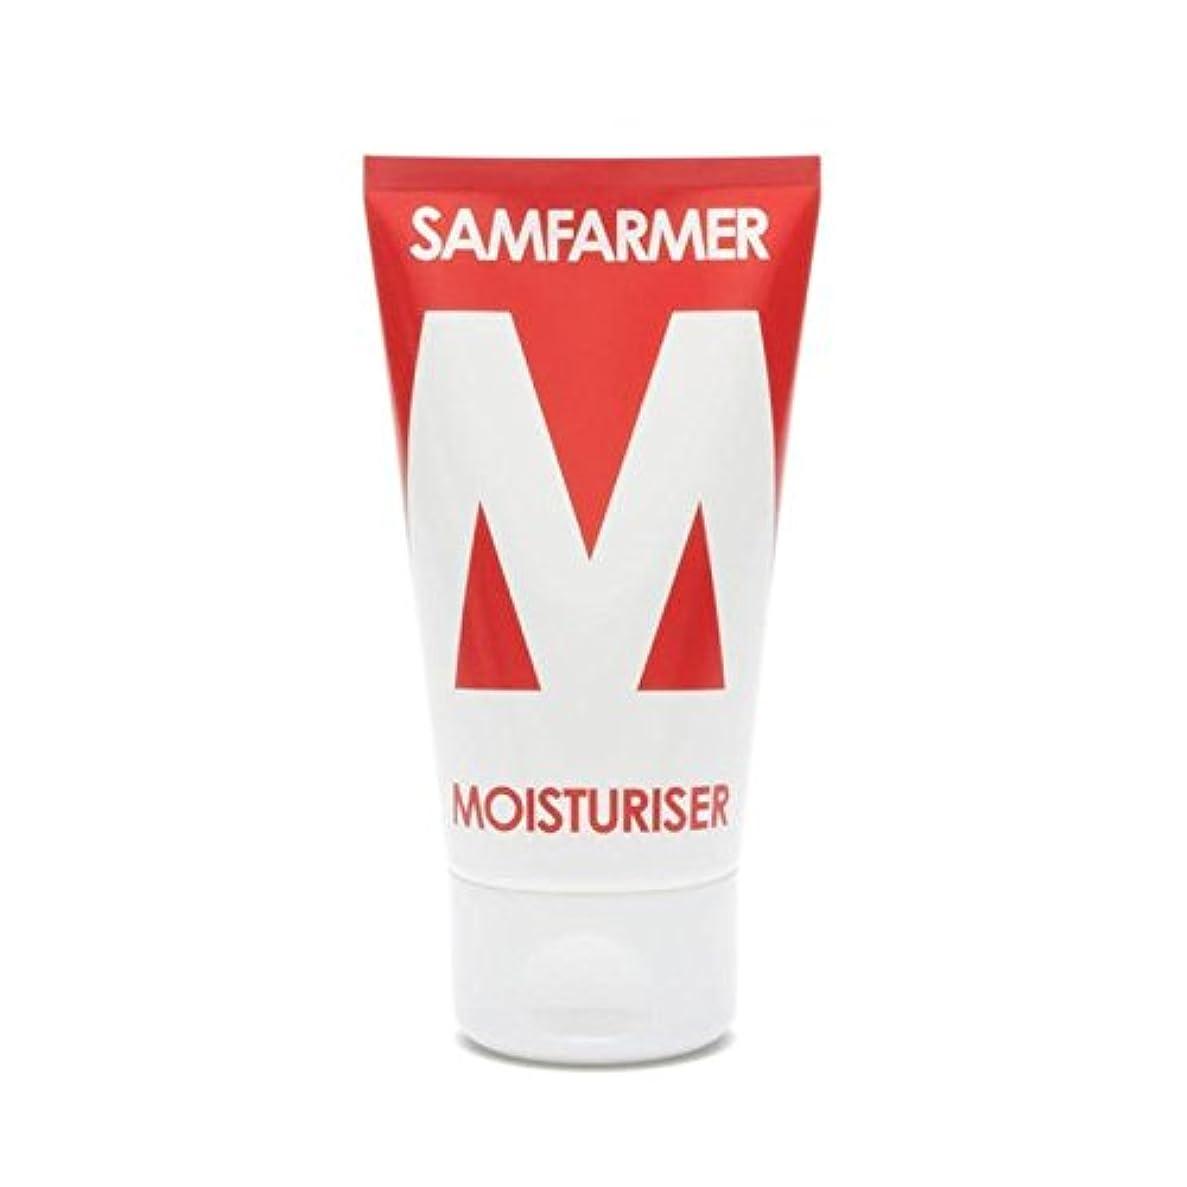 靴下信頼性のあるかごSAMFARMER Unisex Moisturiser 50ml (Pack of 6) - ユニセックス保湿50ミリリットル x6 [並行輸入品]